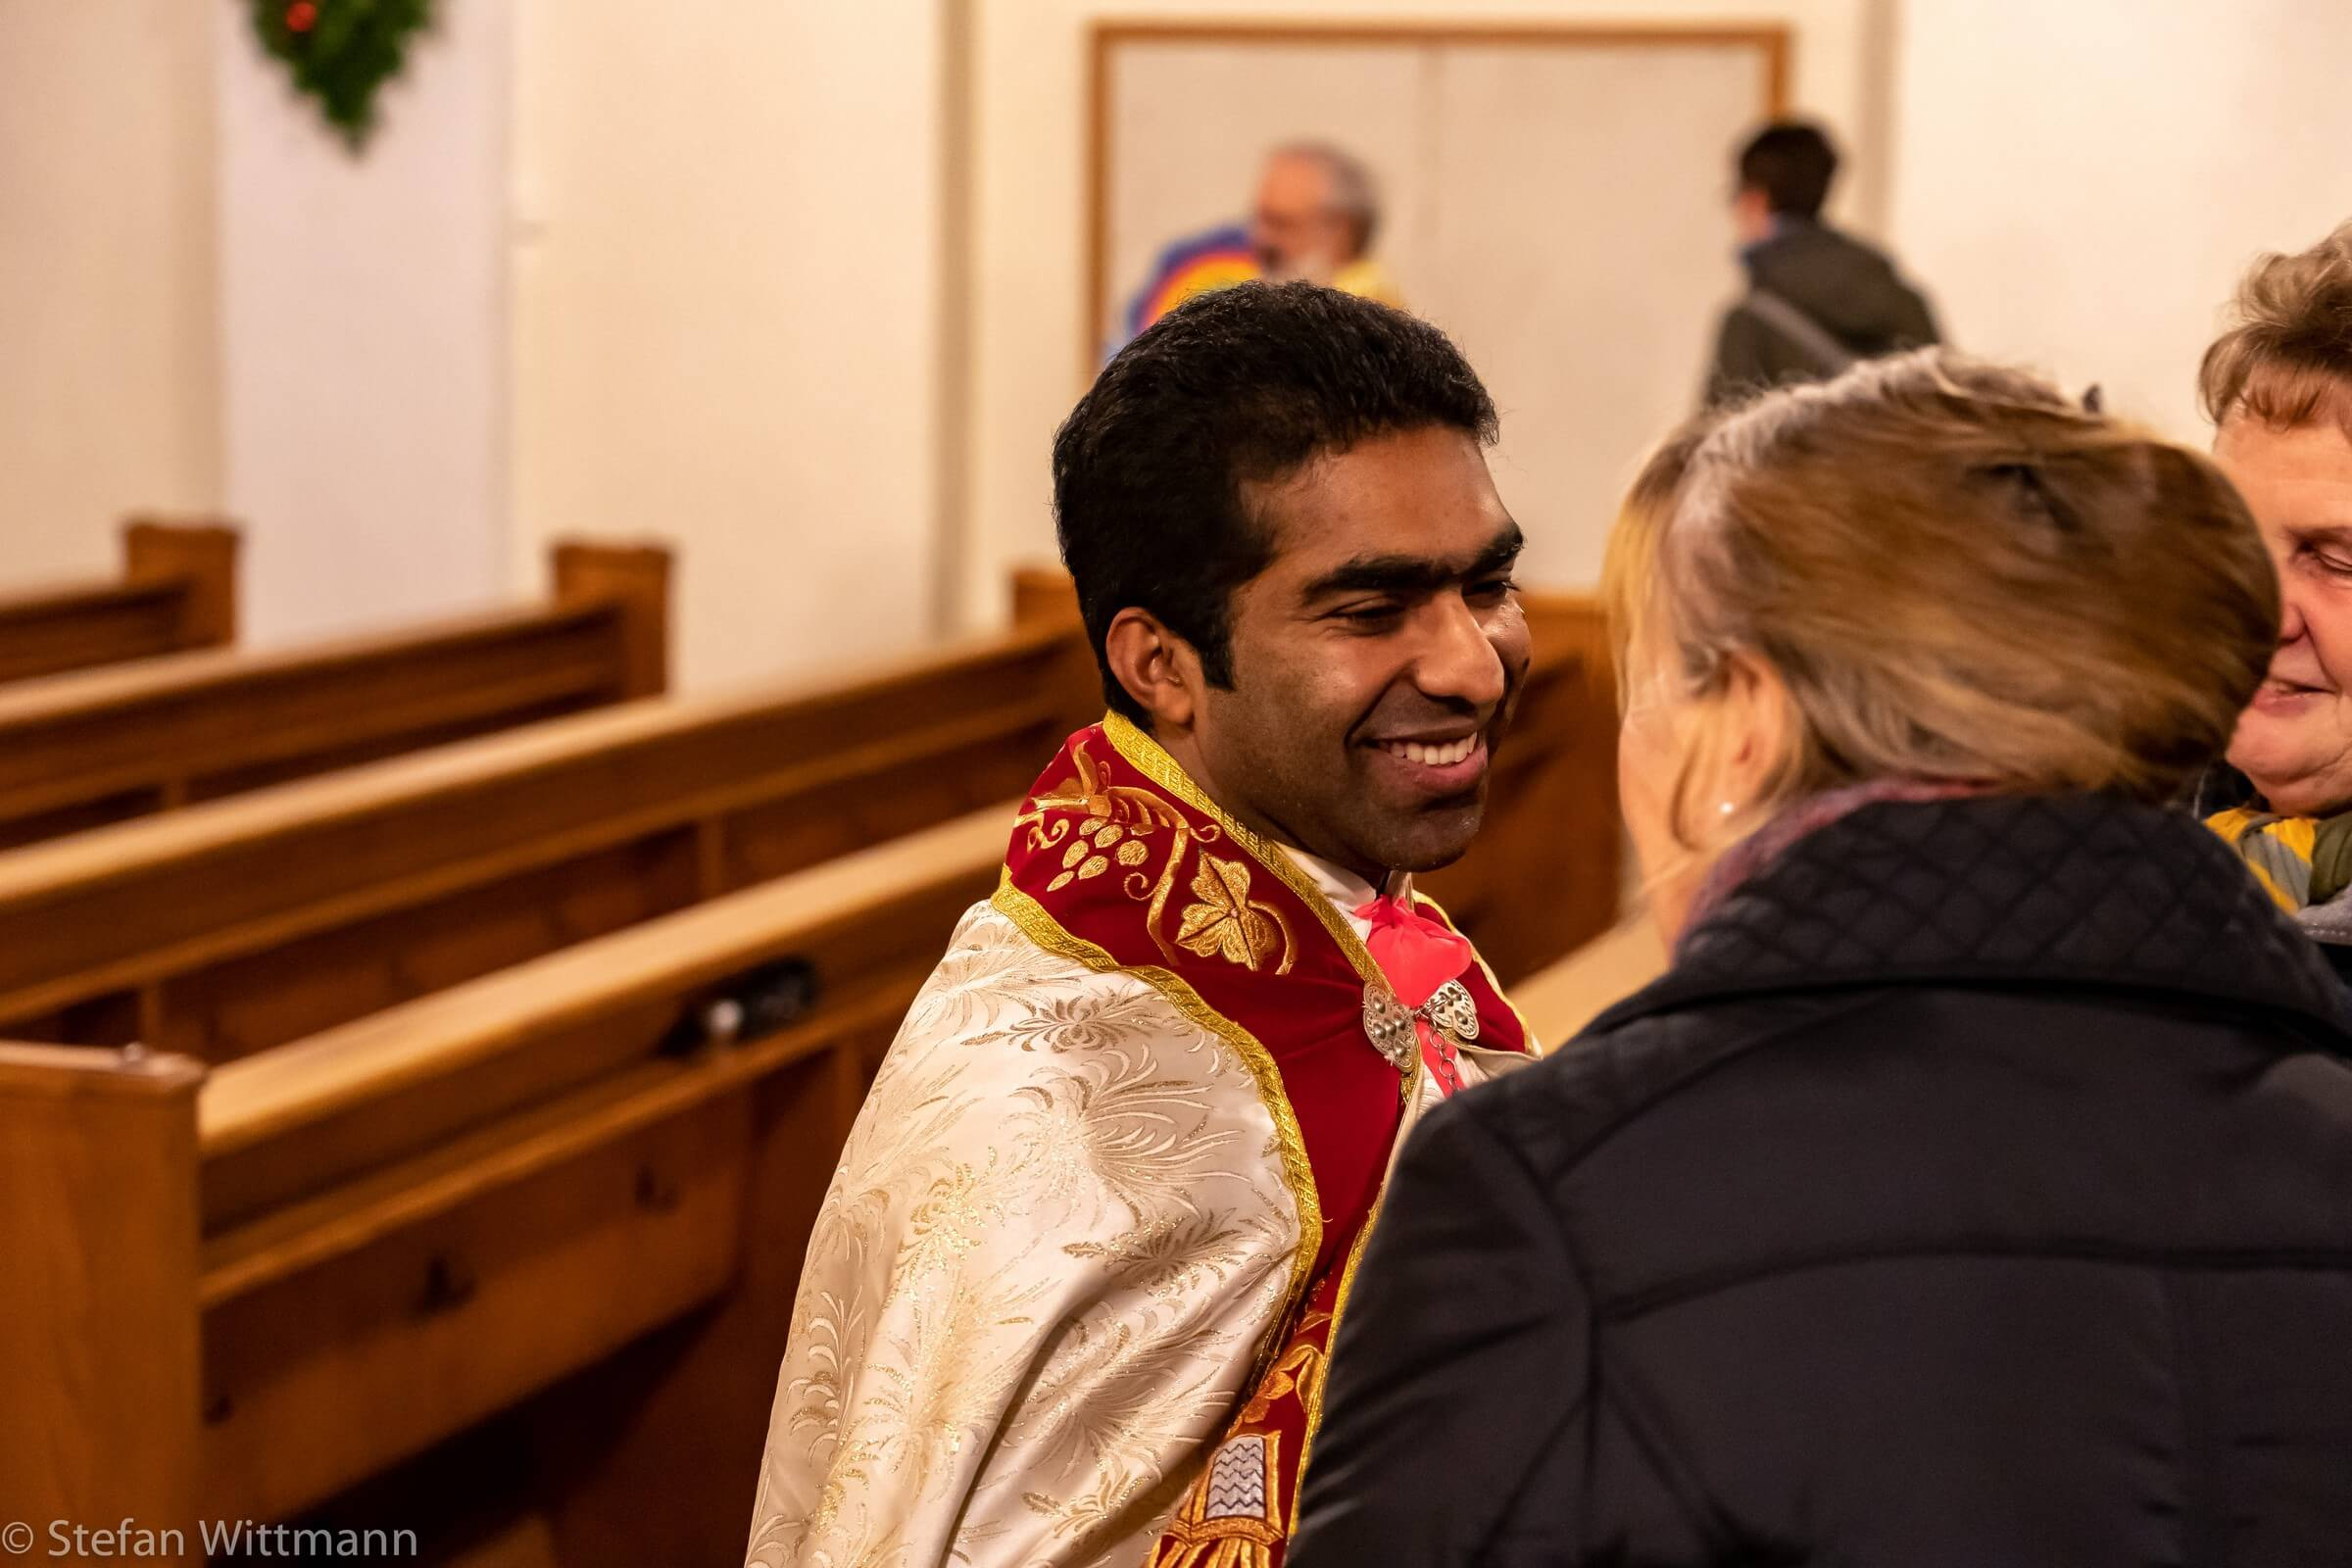 20181230-10 Jahre Priester Joseph - von Wittmann Stefan 20181230181542-DSC02015